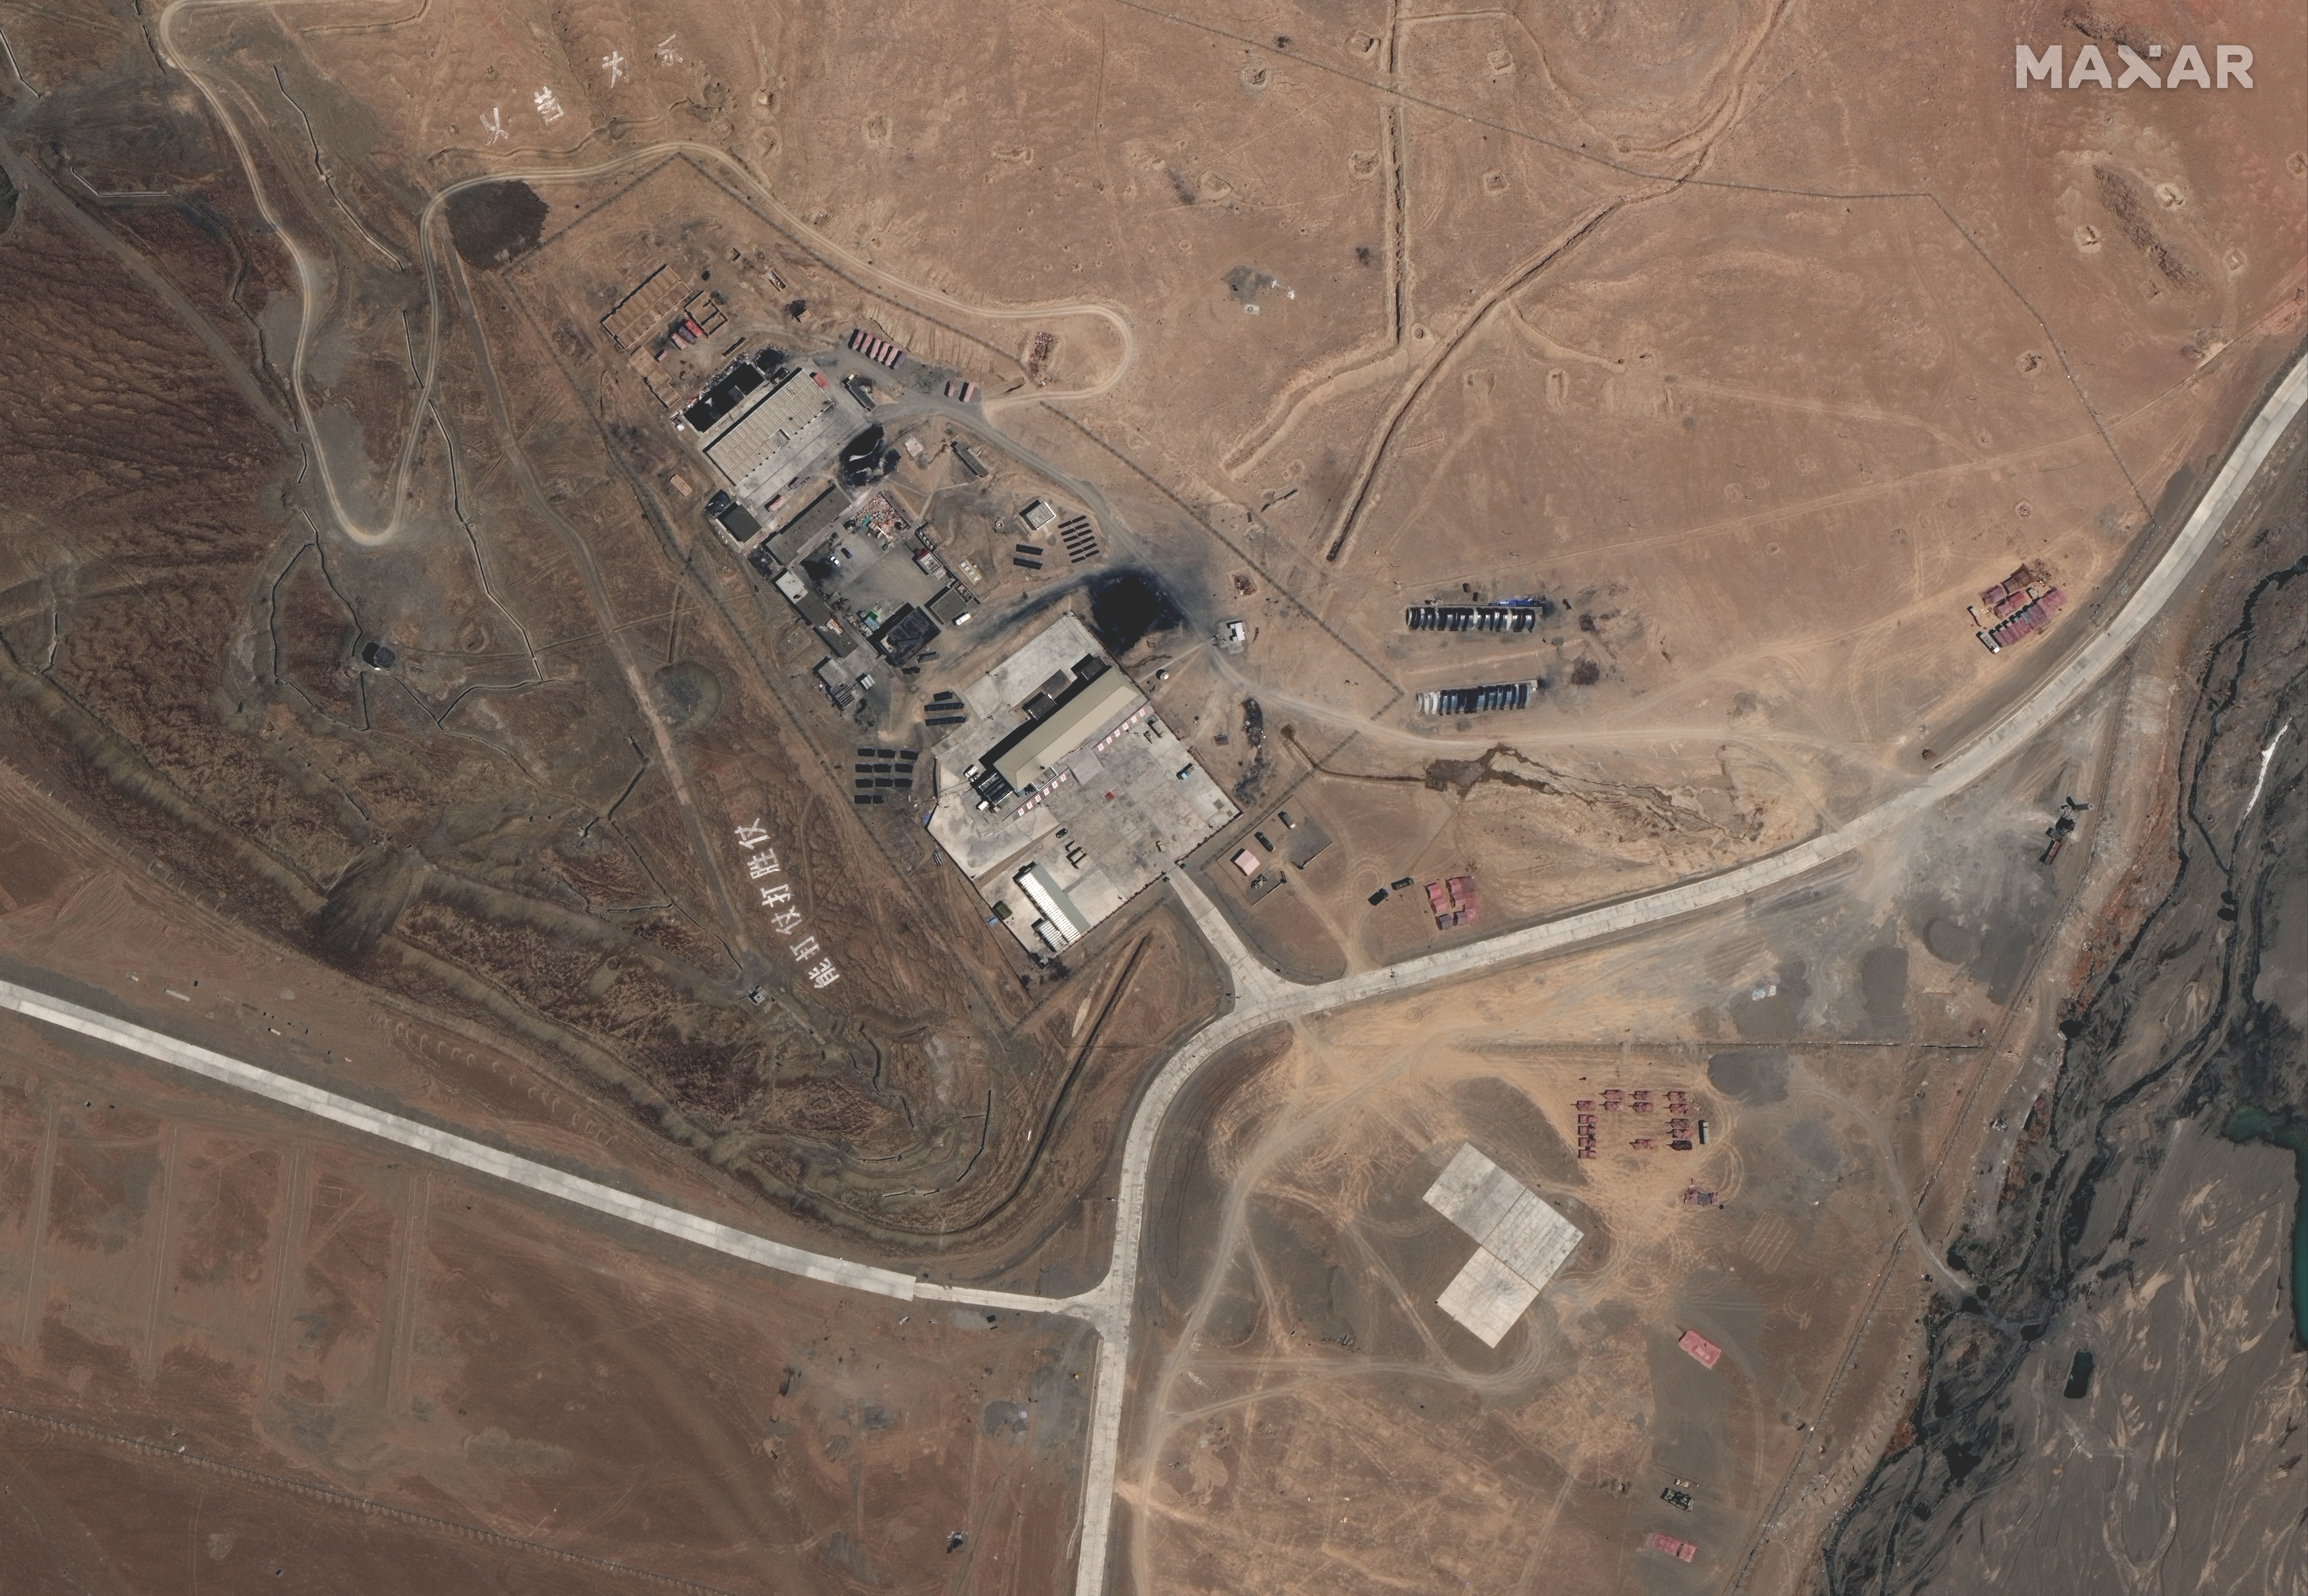 ▲▼衛星相片顯示中國解放軍於空喀山口的軍事基地。(圖/路透社)